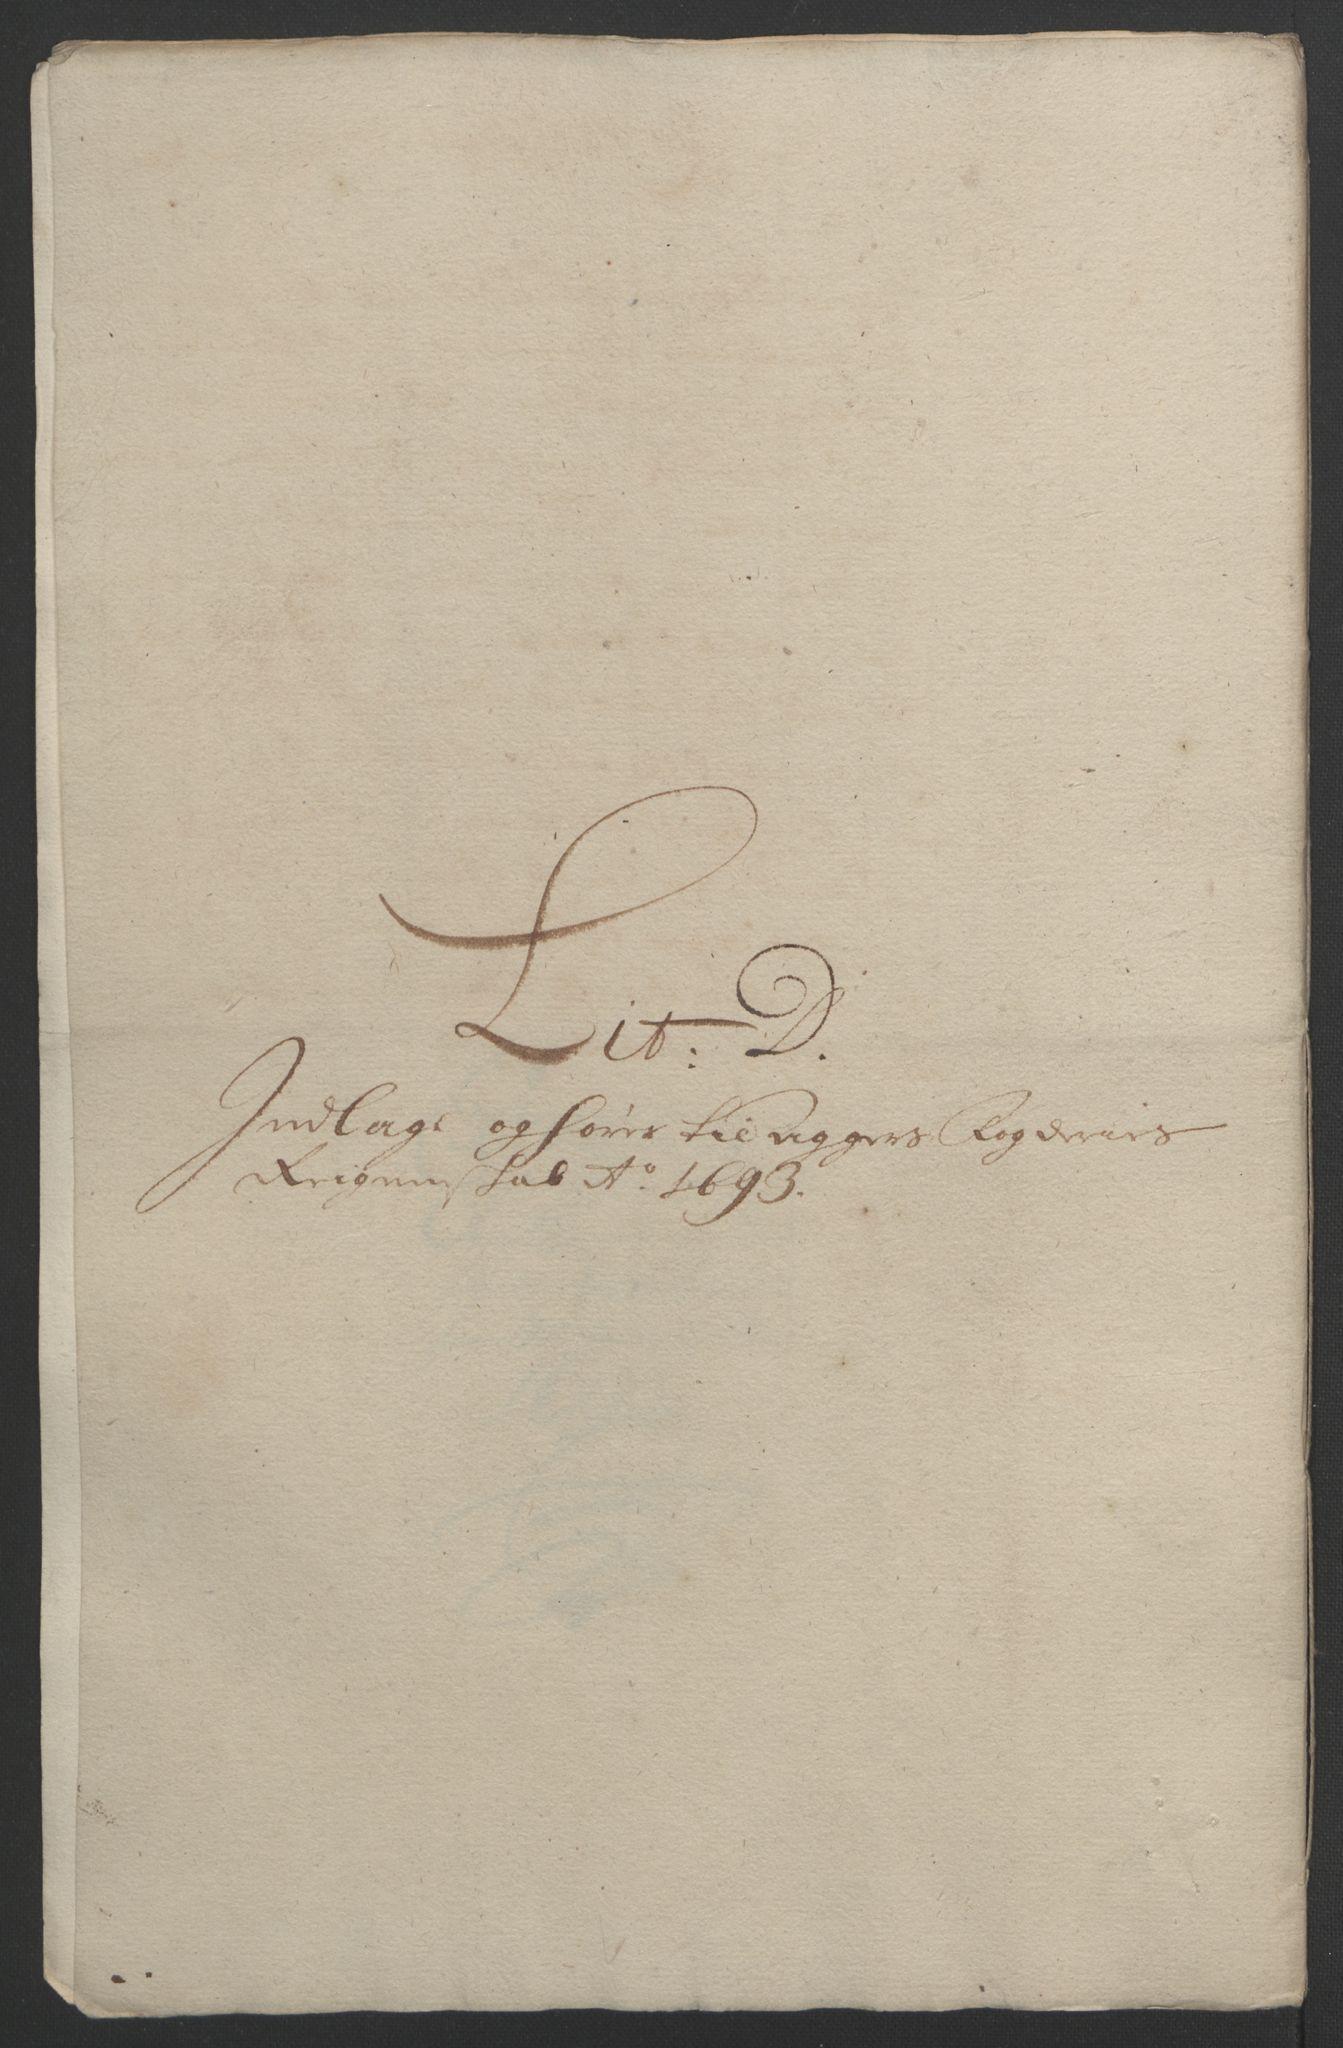 RA, Rentekammeret inntil 1814, Reviderte regnskaper, Fogderegnskap, R08/L0426: Fogderegnskap Aker, 1692-1693, s. 336